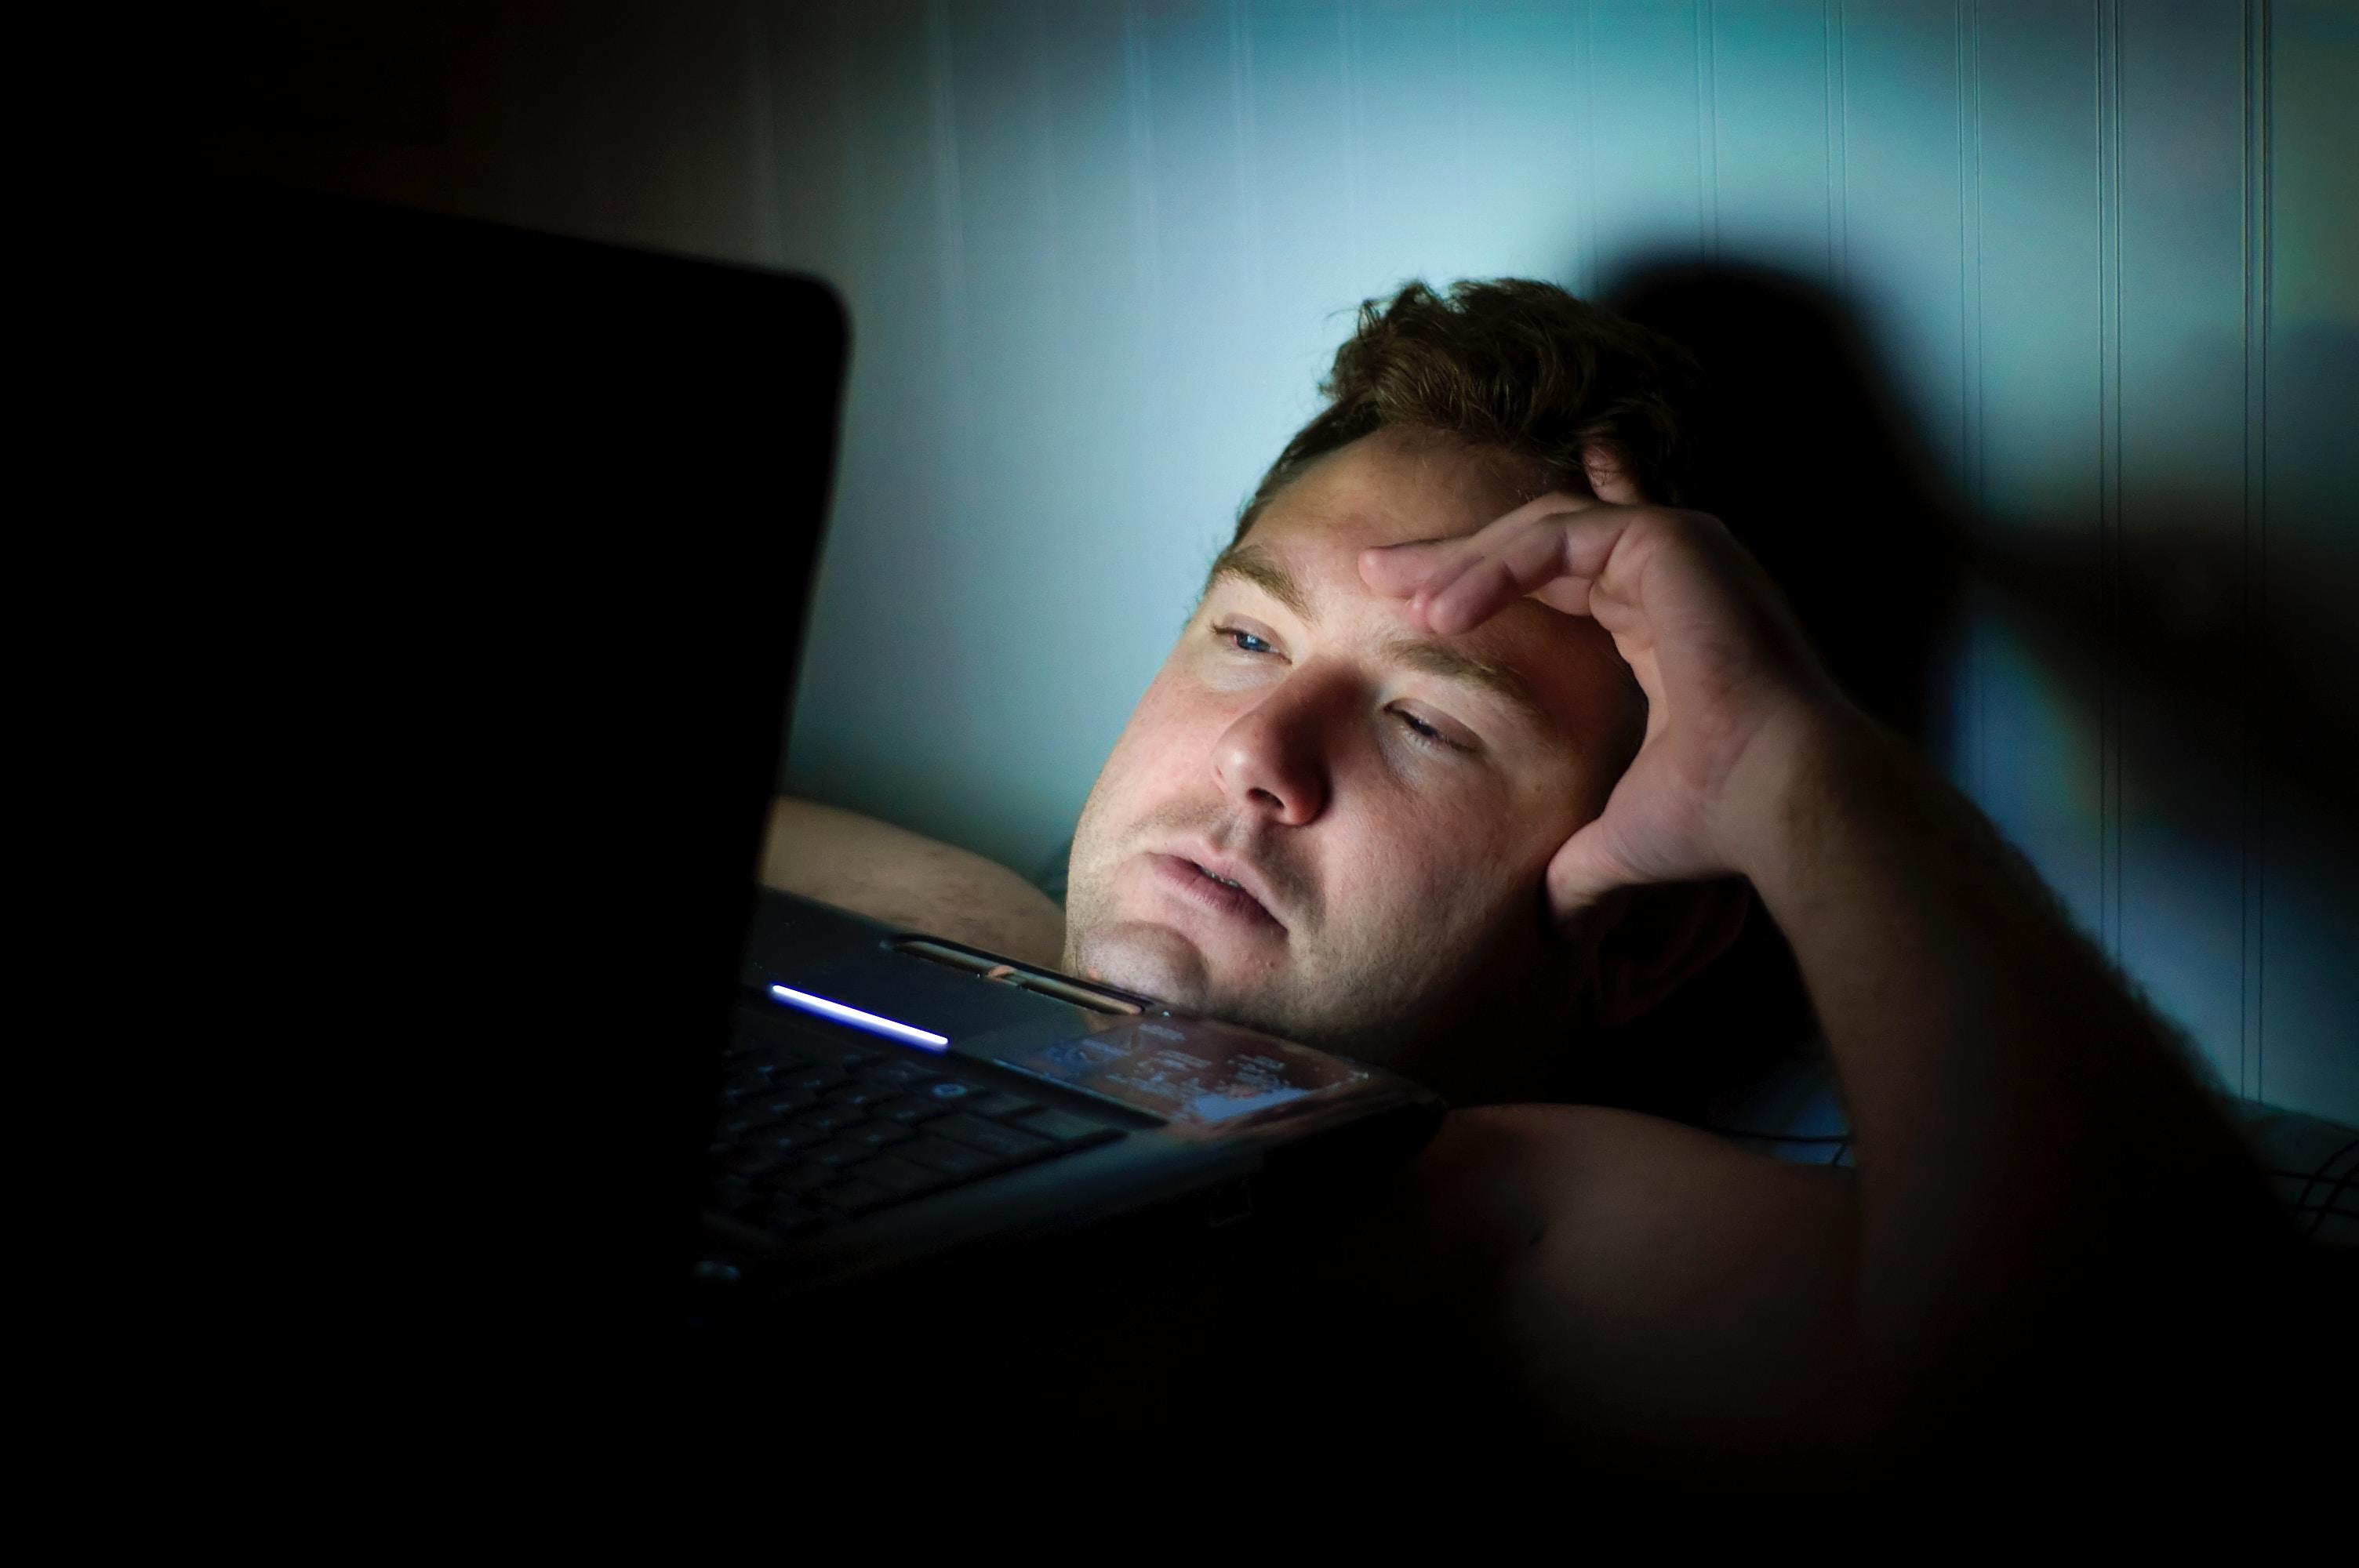 איך להירדם ללא תרופות